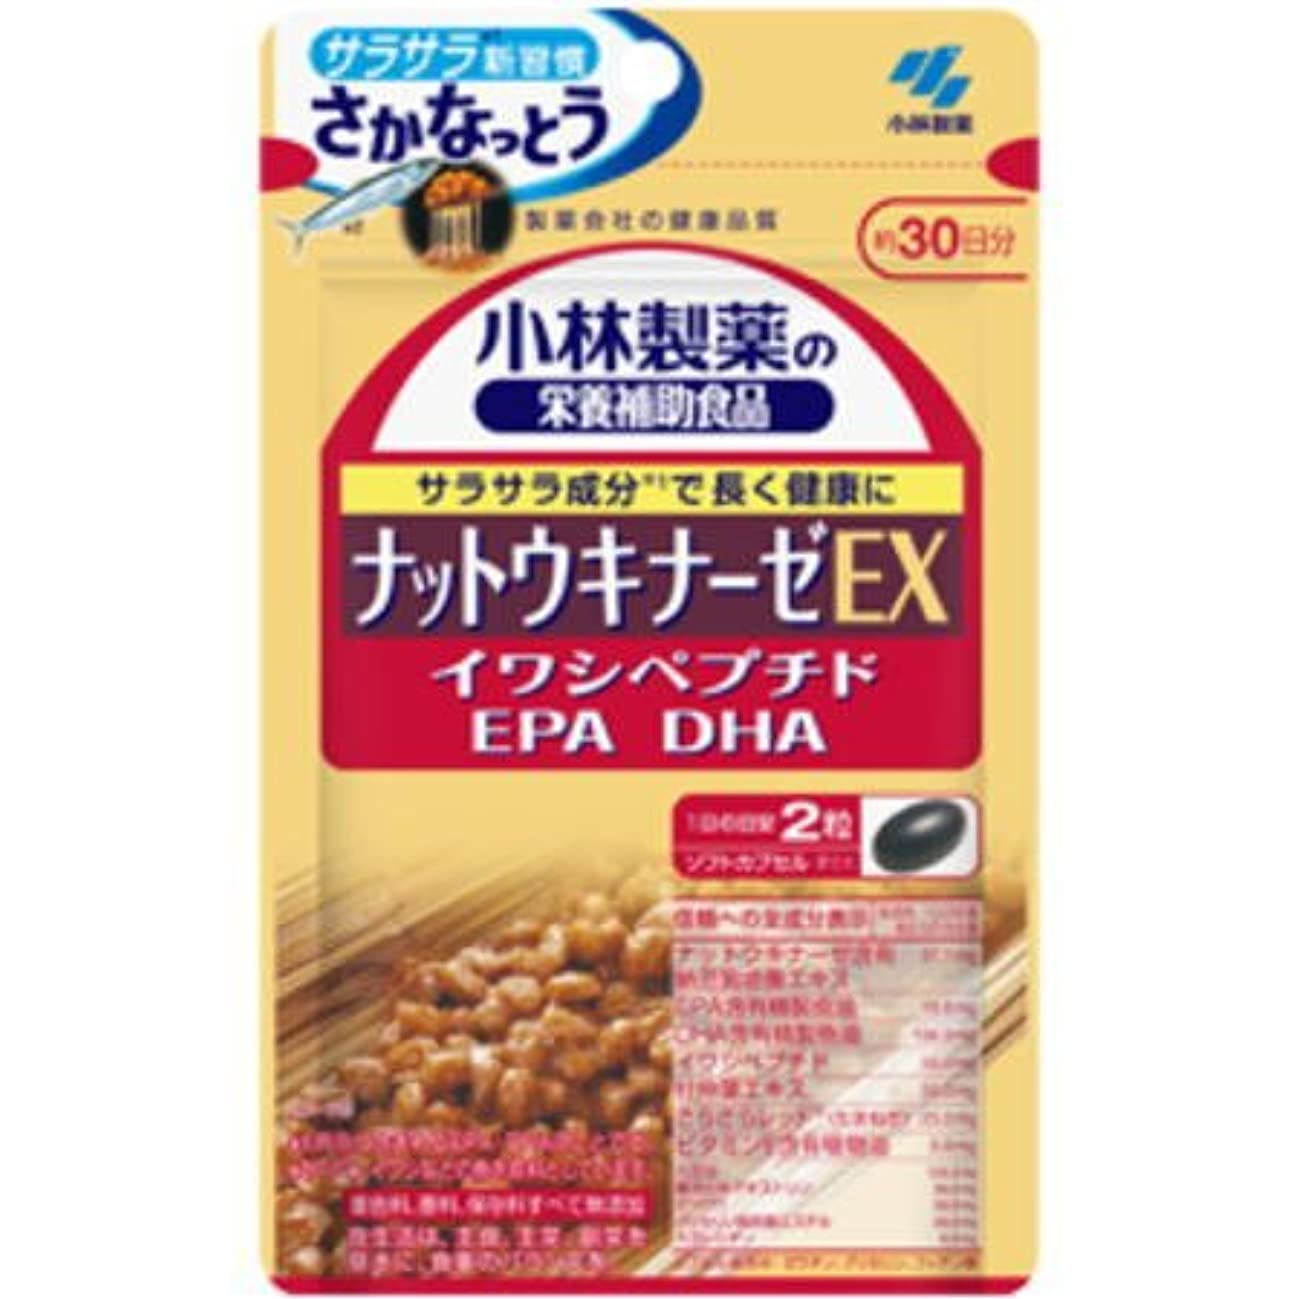 道に迷いました注入する自分の小林製薬 ナットウキナーゼ EX 60粒×6個セット